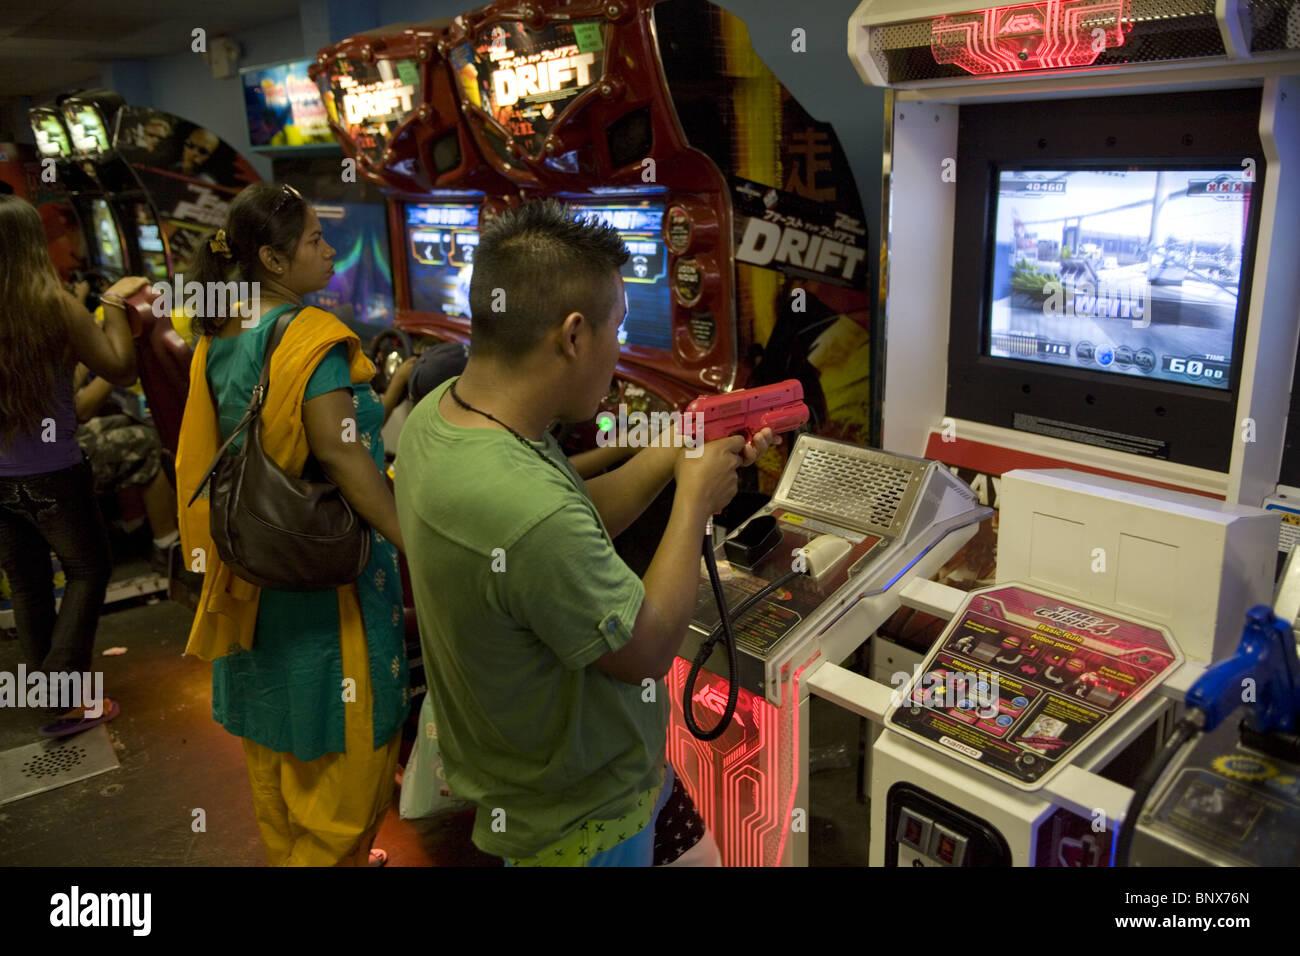 Coney Island; video gioco arcate con giochi violenti sono popolari con adolescenti e ragazzi adolescenti insieme Immagini Stock